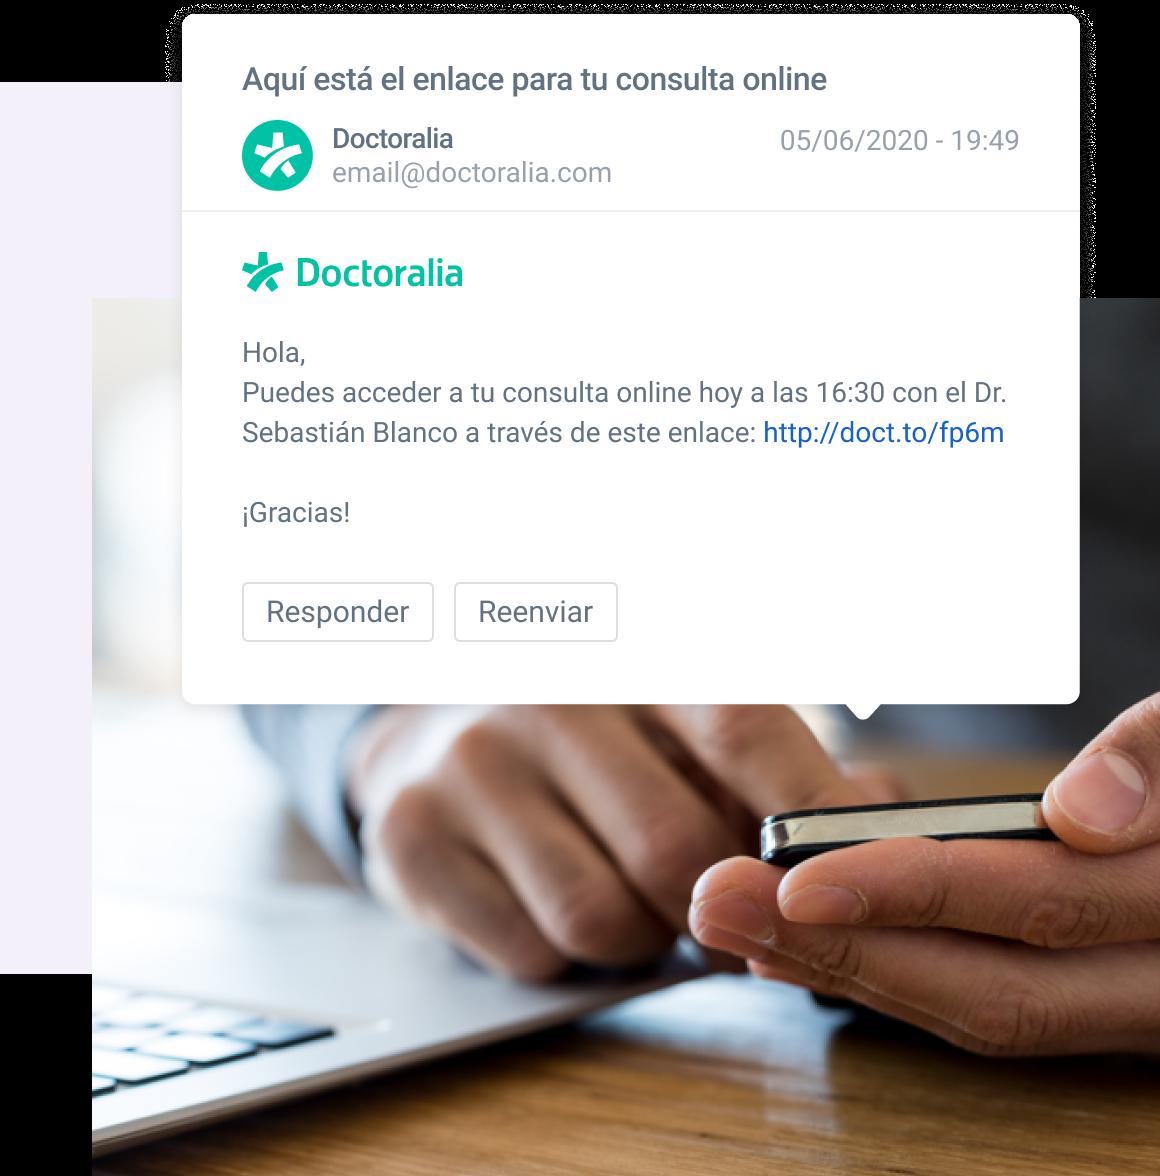 aviso-sms-consulta-medica-online-doctoralia2